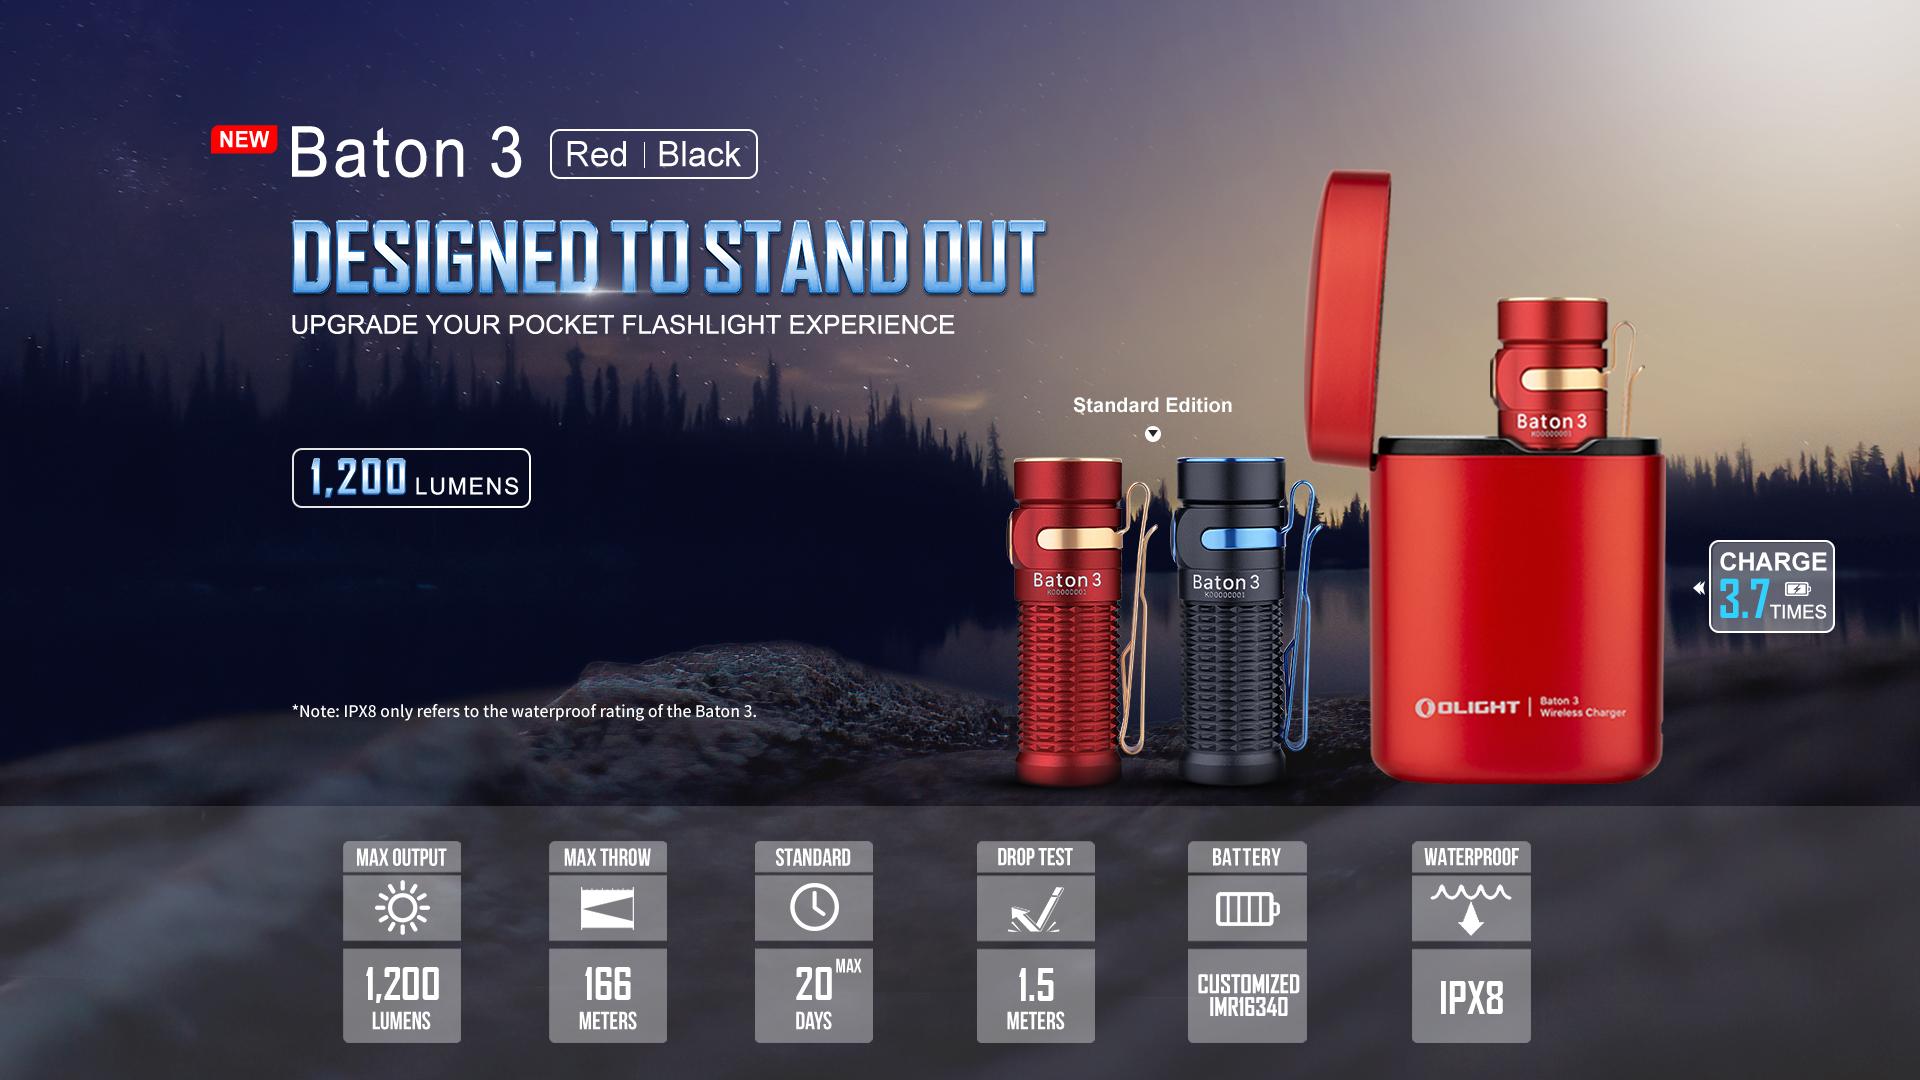 Olight Baton 3 Rechargeable LED Flashlight